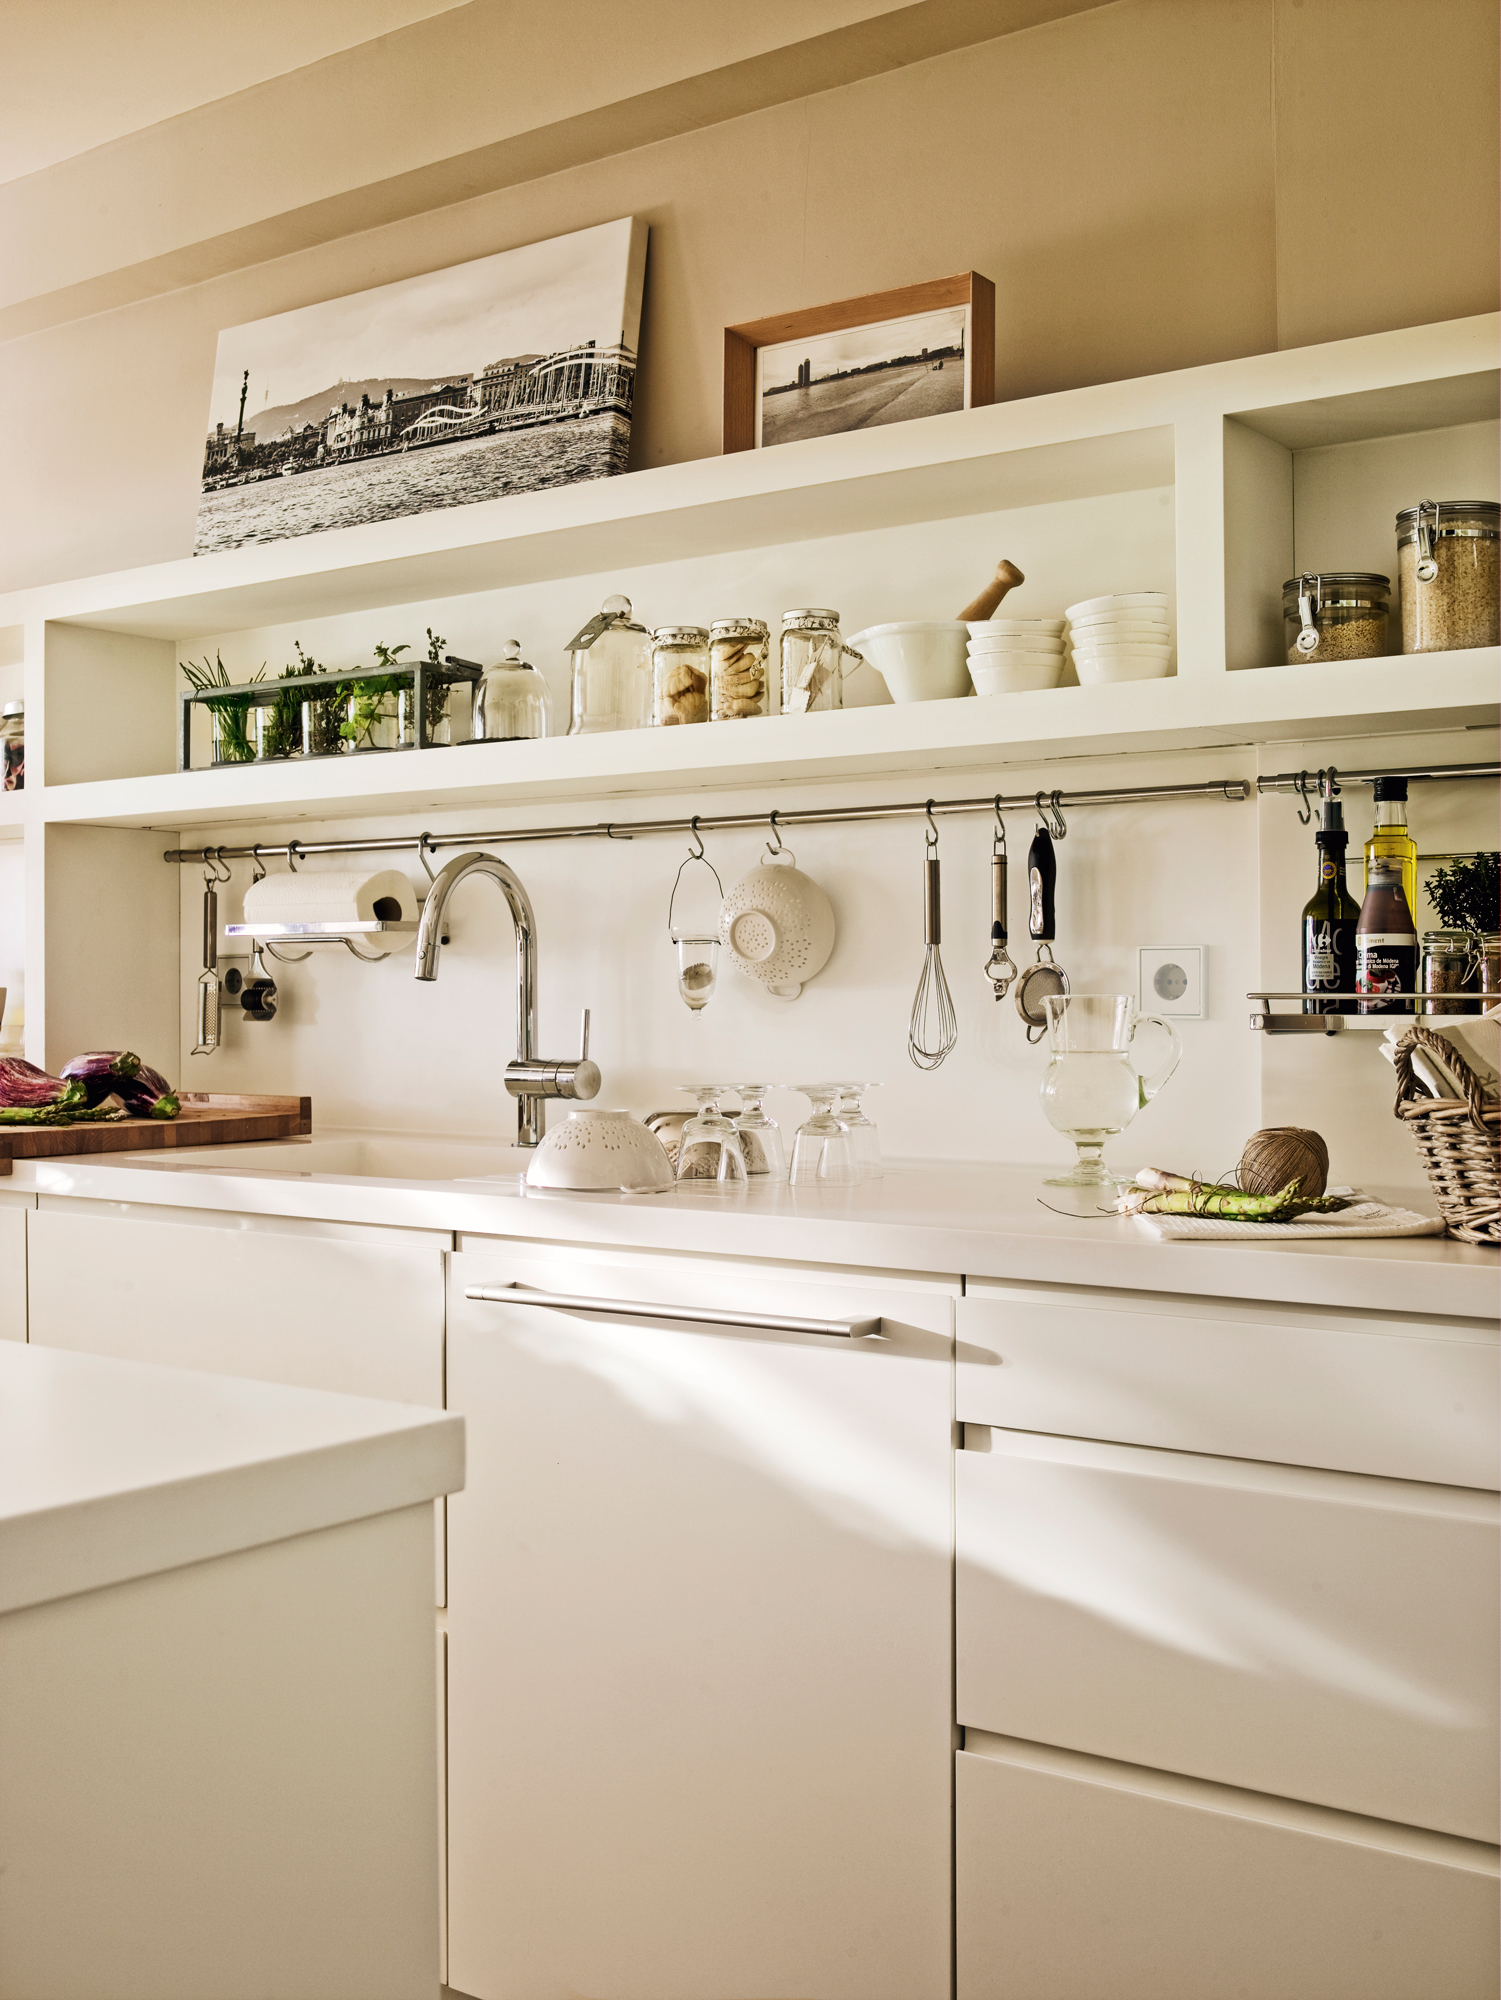 769 fotos de muebles de cocina for Cocina 88 el cajon